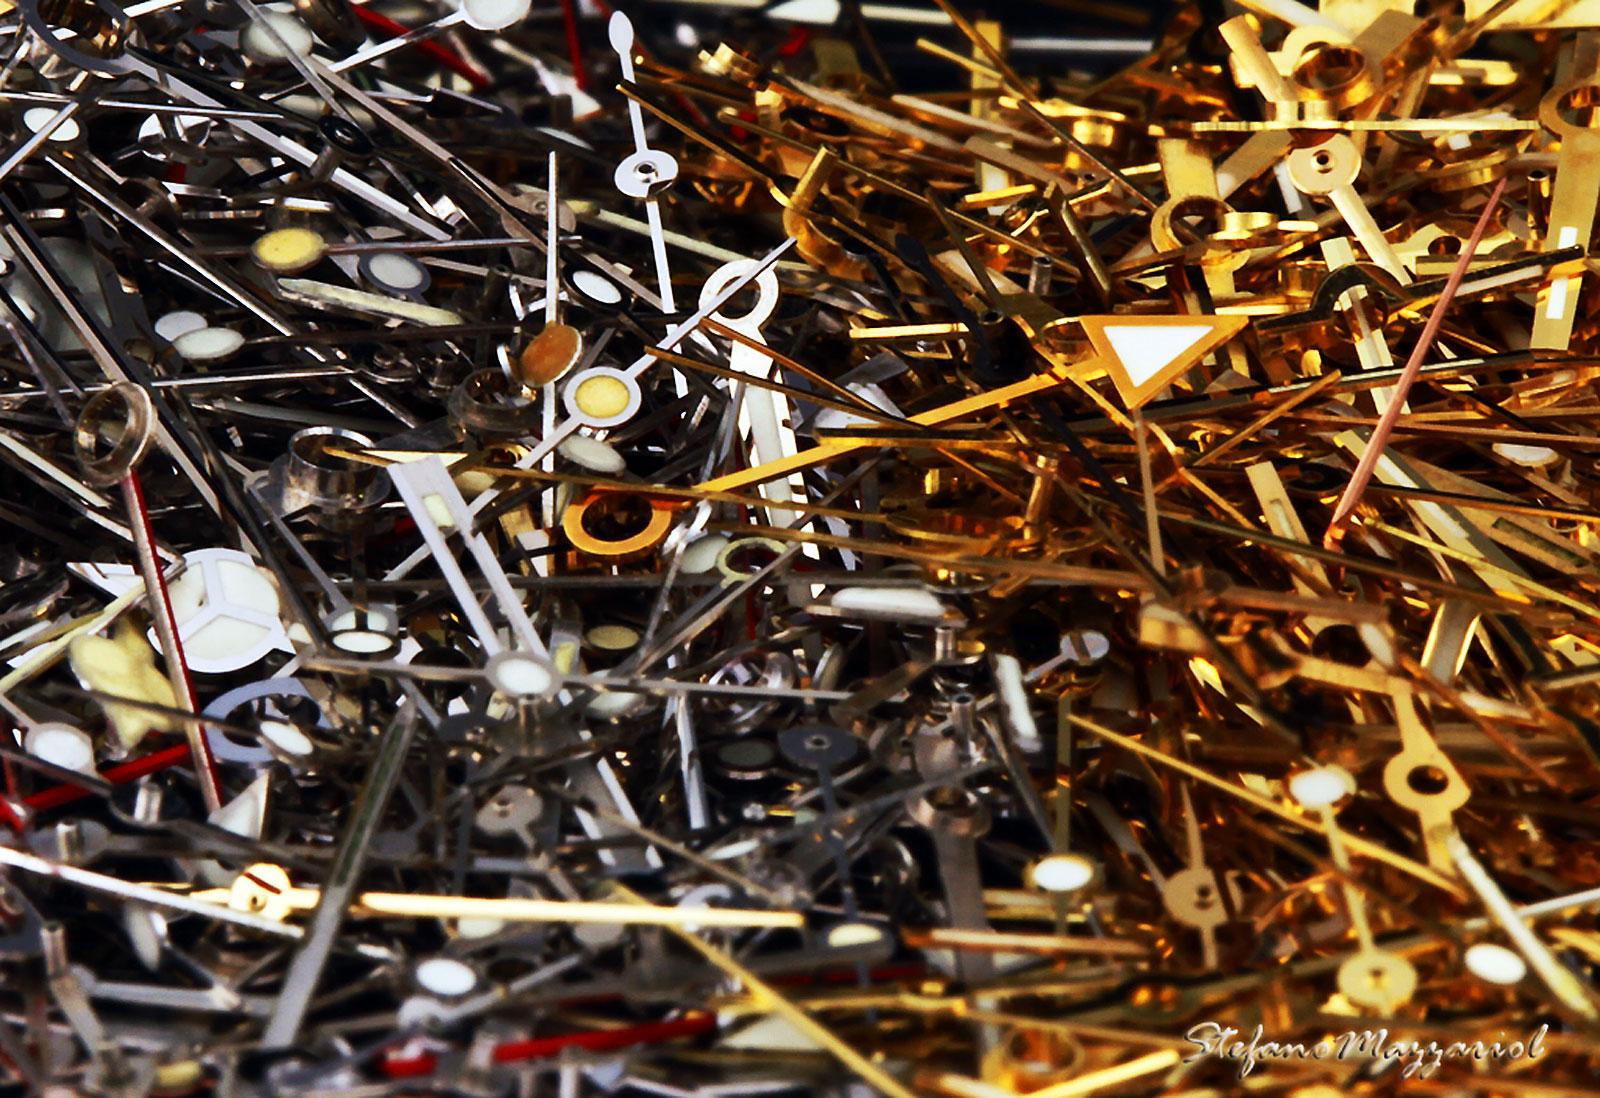 http://4.bp.blogspot.com/_04kZGR_ltmE/SuaNv3koRzI/AAAAAAAAE9g/Y2F0c1UuxWE/s1600/Rolex-Parts.jpg